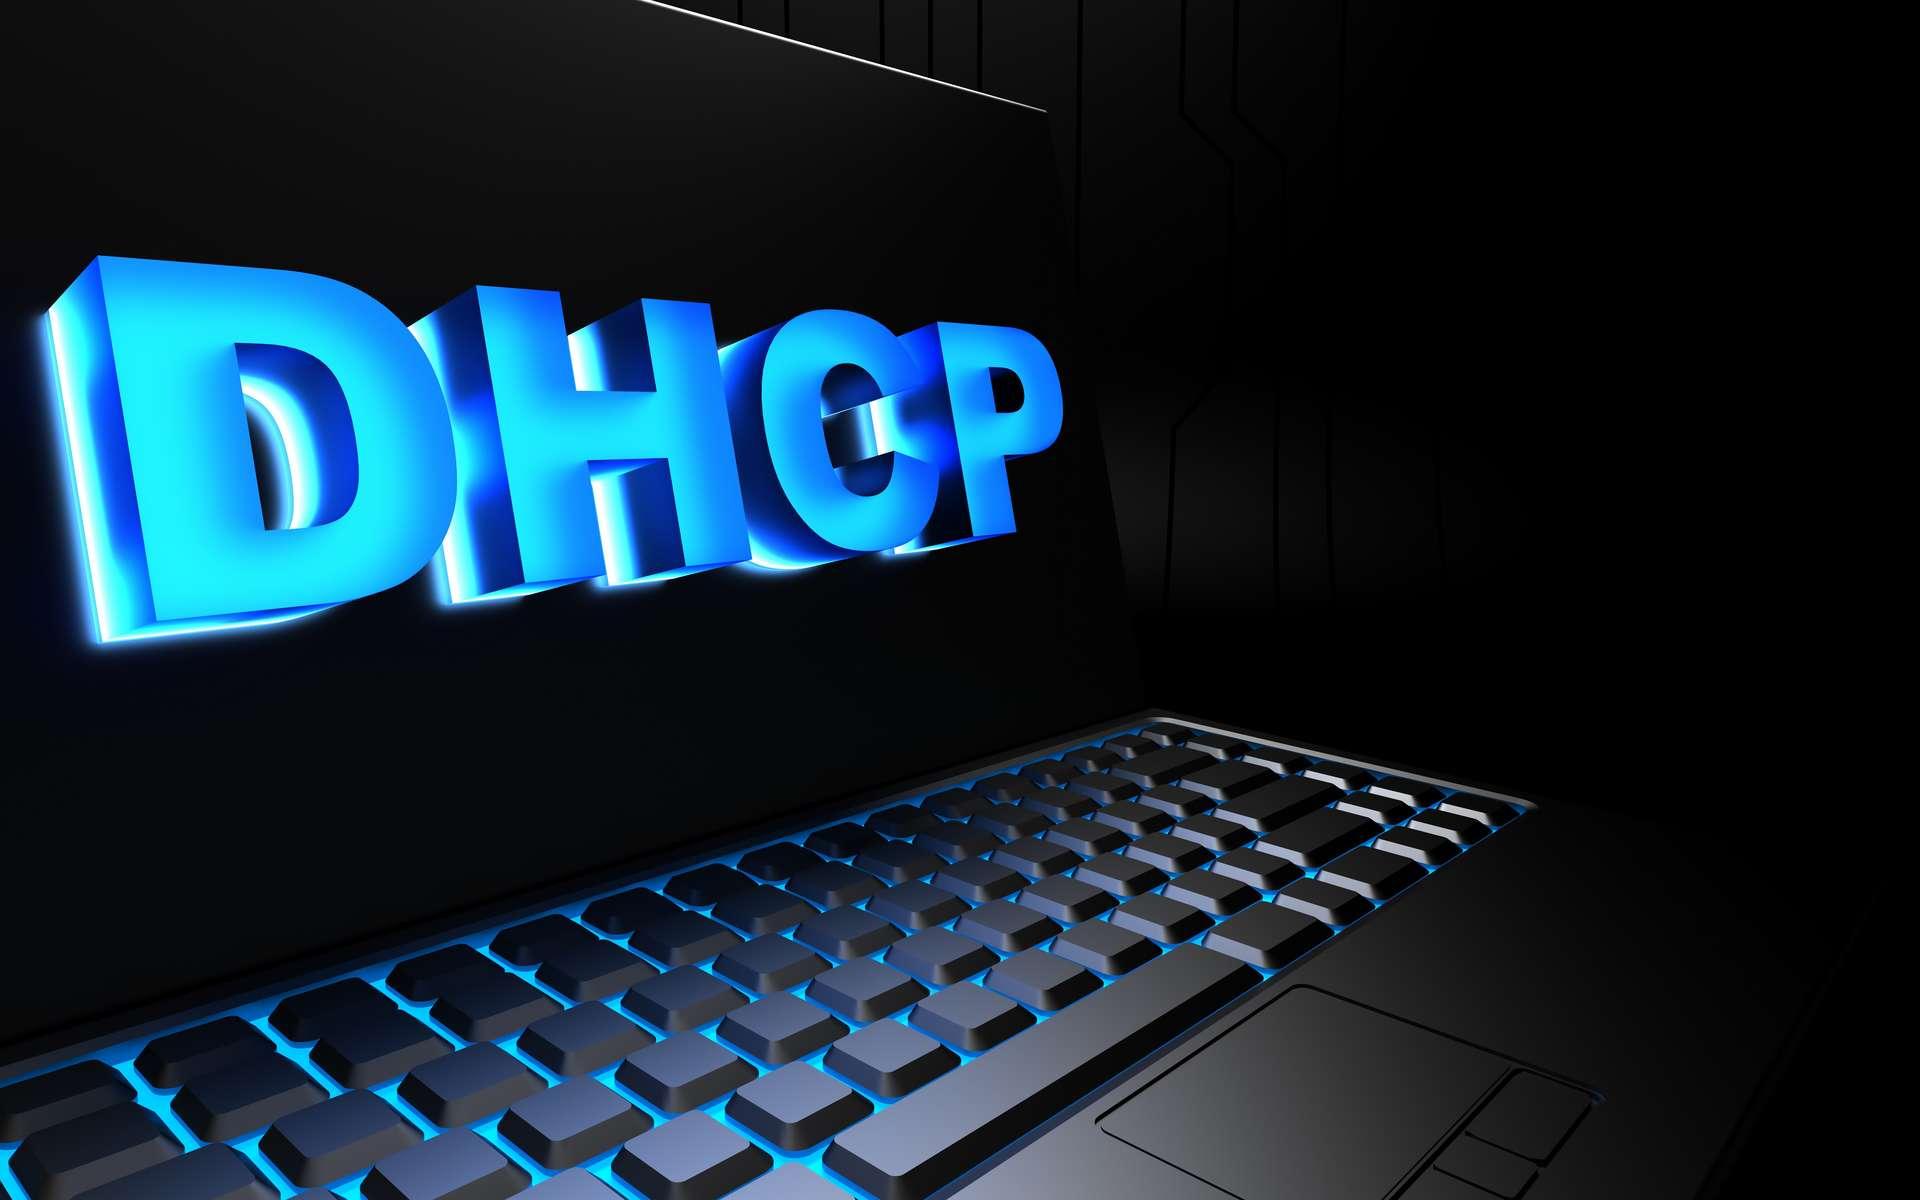 Le DHCP s'occupe de la configuration des paramètres IP des ordinateurs. © Adobe Stock, Сake78 (3D & photo)